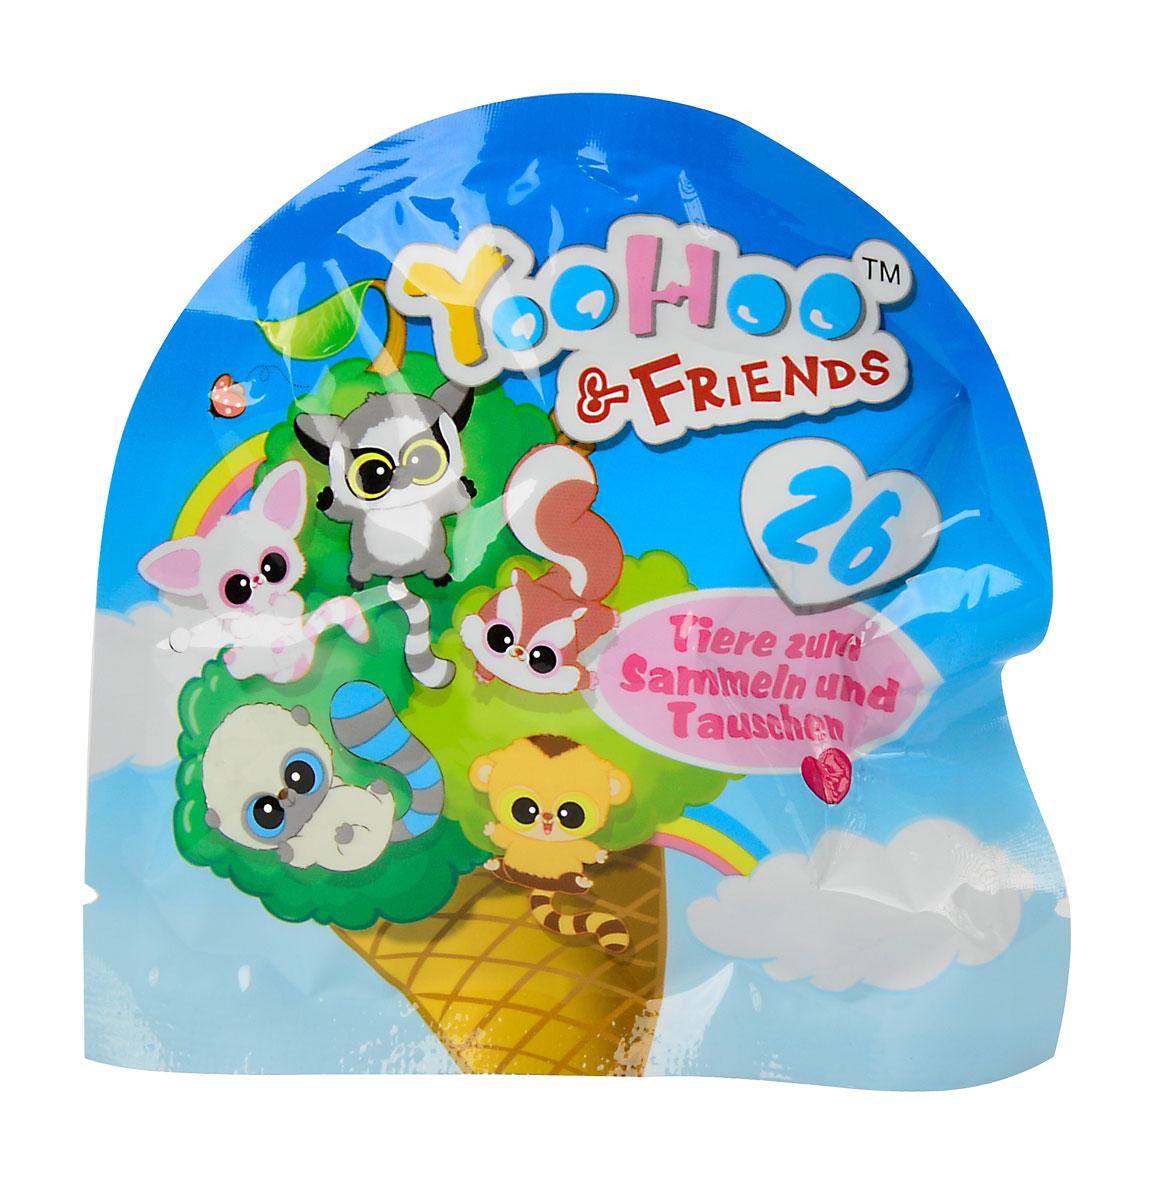 YooHoo & Friends Фигурка флокированная5955237Фигурка Simba YooHoo & Friends в непрозрачной упаковке выполнена из приятного на ощупь материала. В комплект с фигуркой входит карточка с описанием персонажа и буклет с историей приключений. 26 фигурок в коллекции, собери их все!